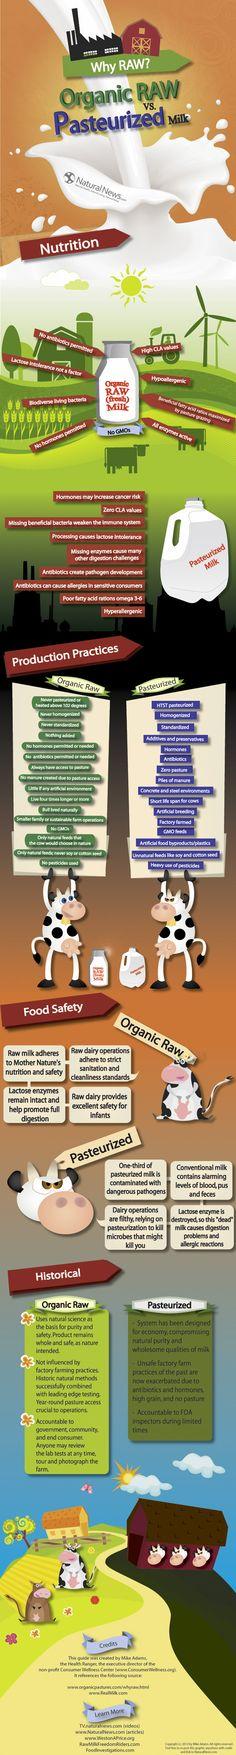 Raw-vs-Pasteurized-Milk-v2